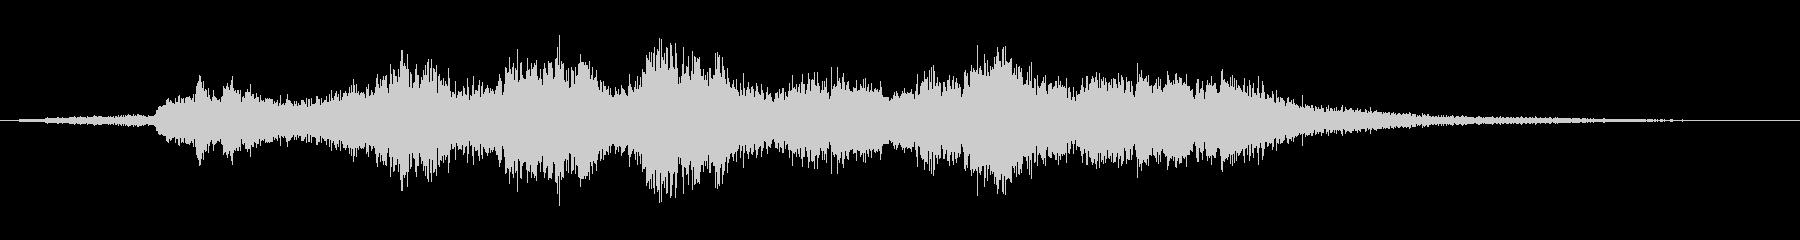 優雅な和風サウンド琴のマルチフレーズ5の未再生の波形